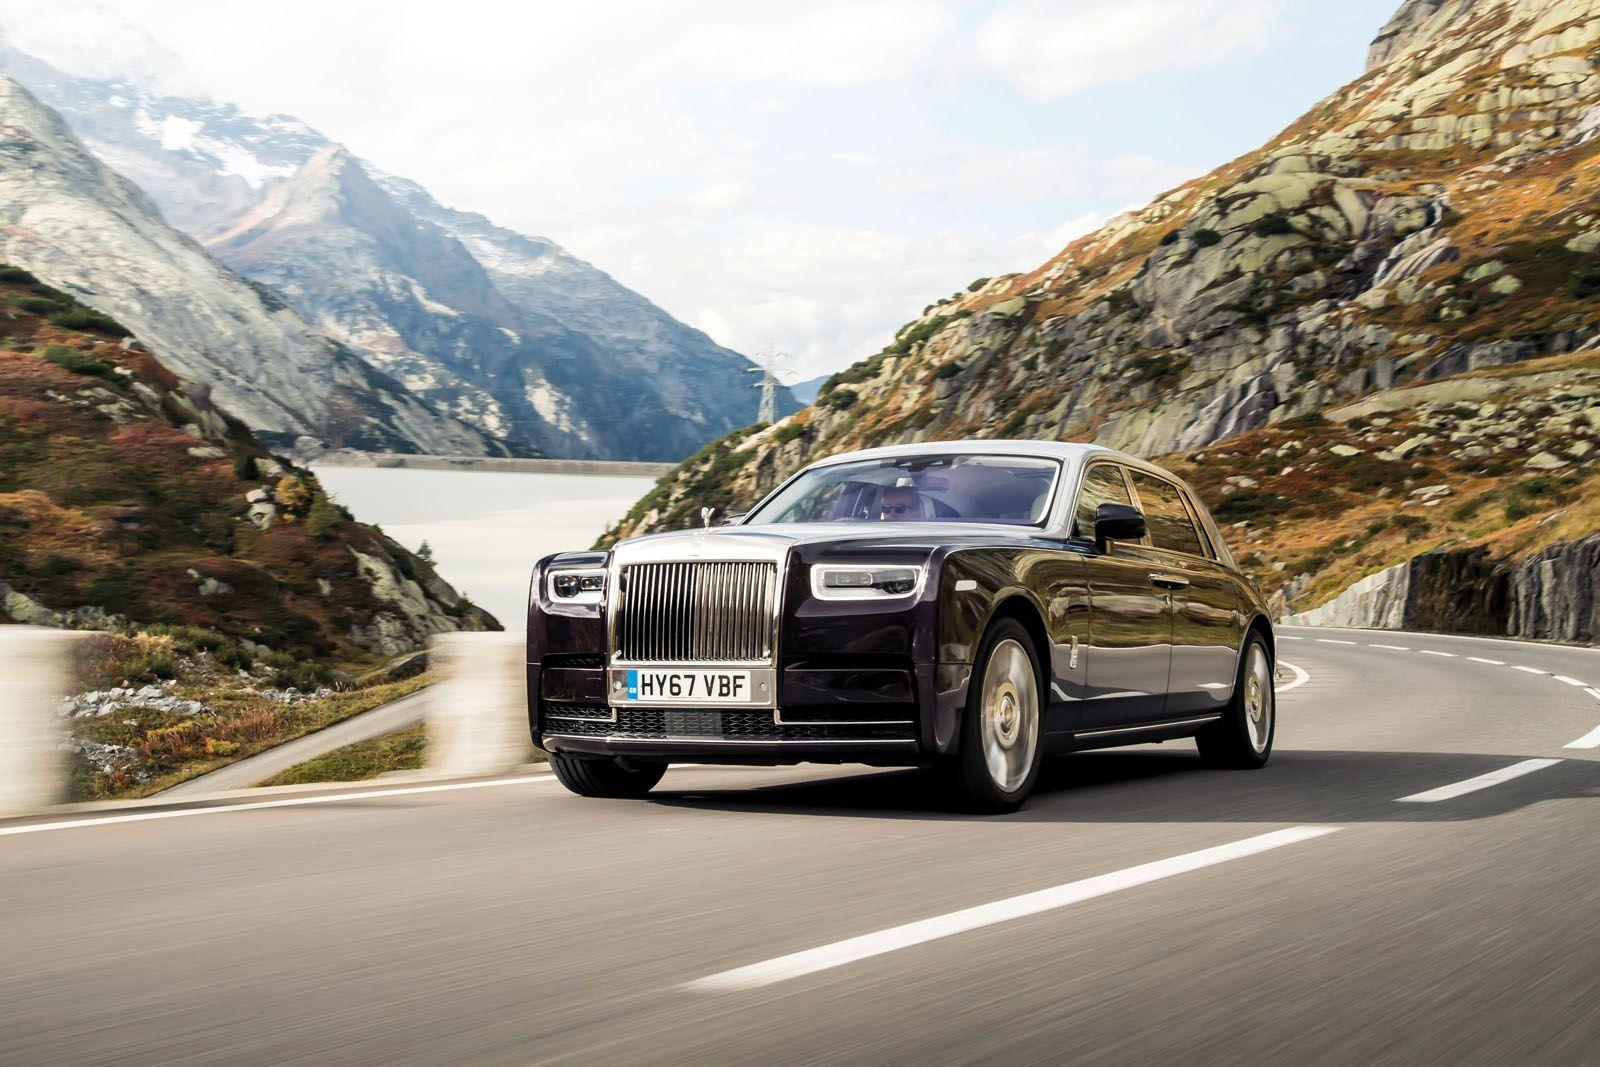 Le classiche linee Rolls-Royce sono sorprendentemente adatte al Cullinan, conferendole un aspetto meno formale che lo rende più attraente rispetto ai suoi fratelli nobili ai clienti con una famiglia o uno stile di vita più casual